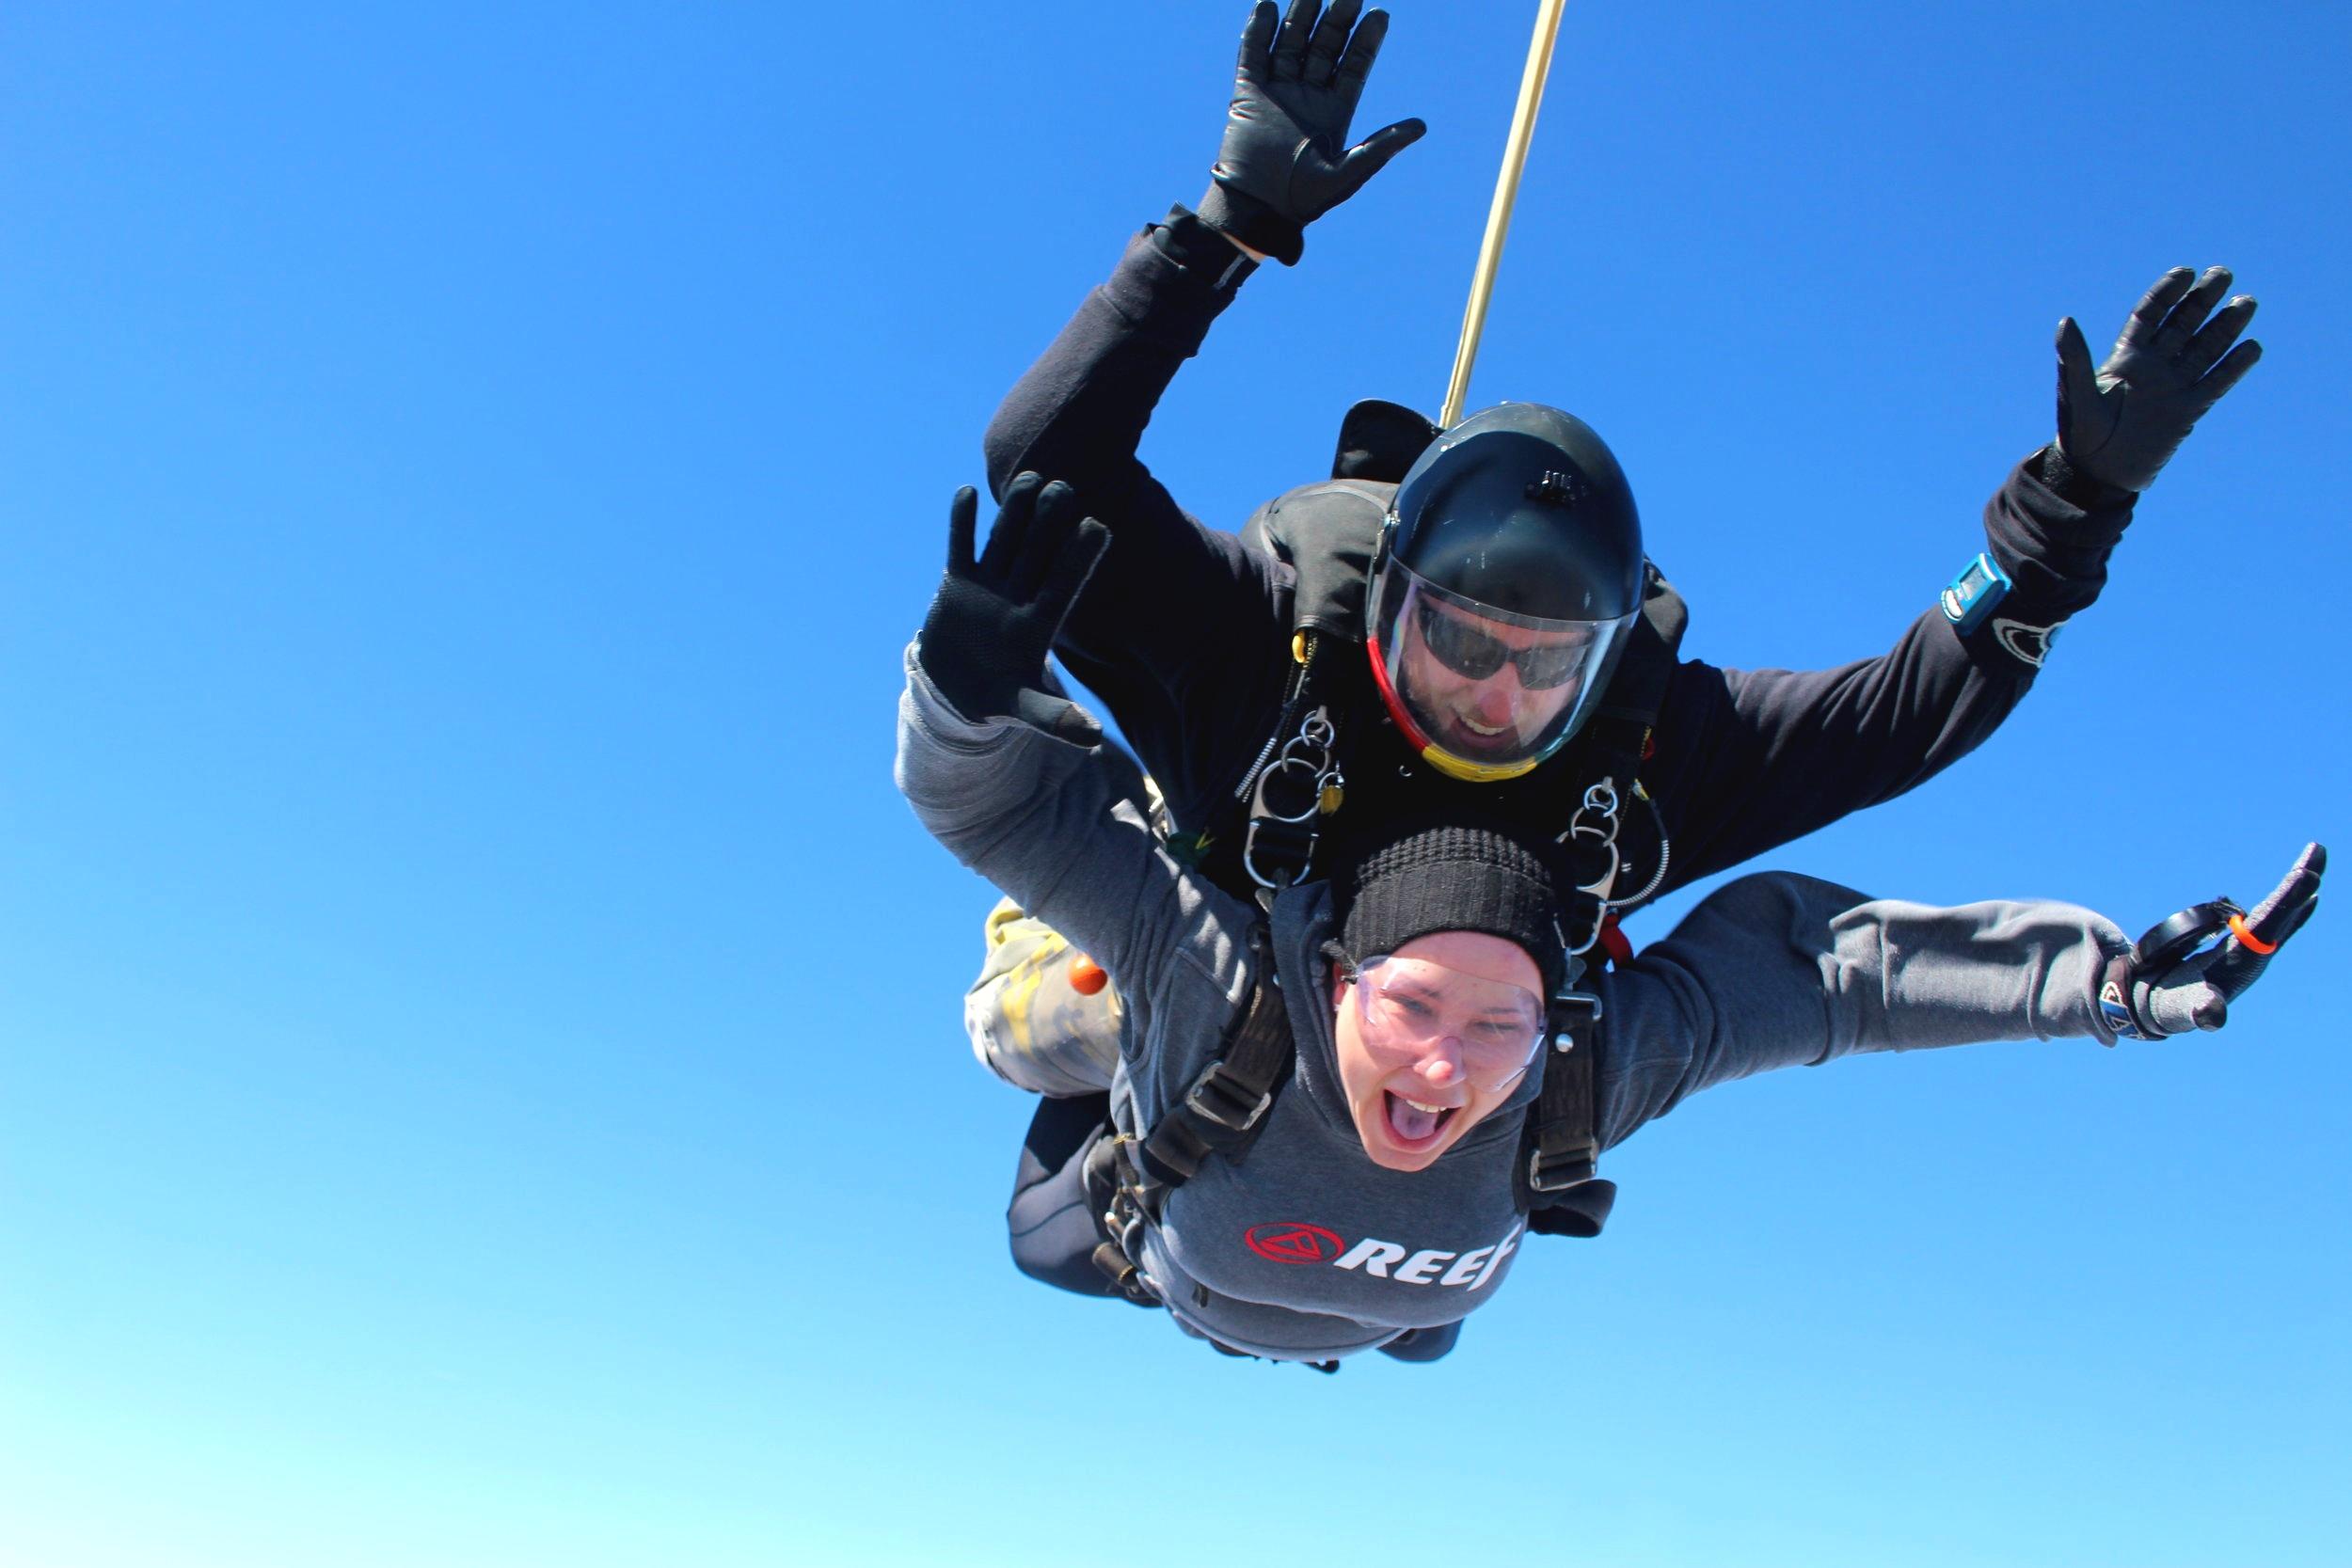 tandem-skydiving-winter